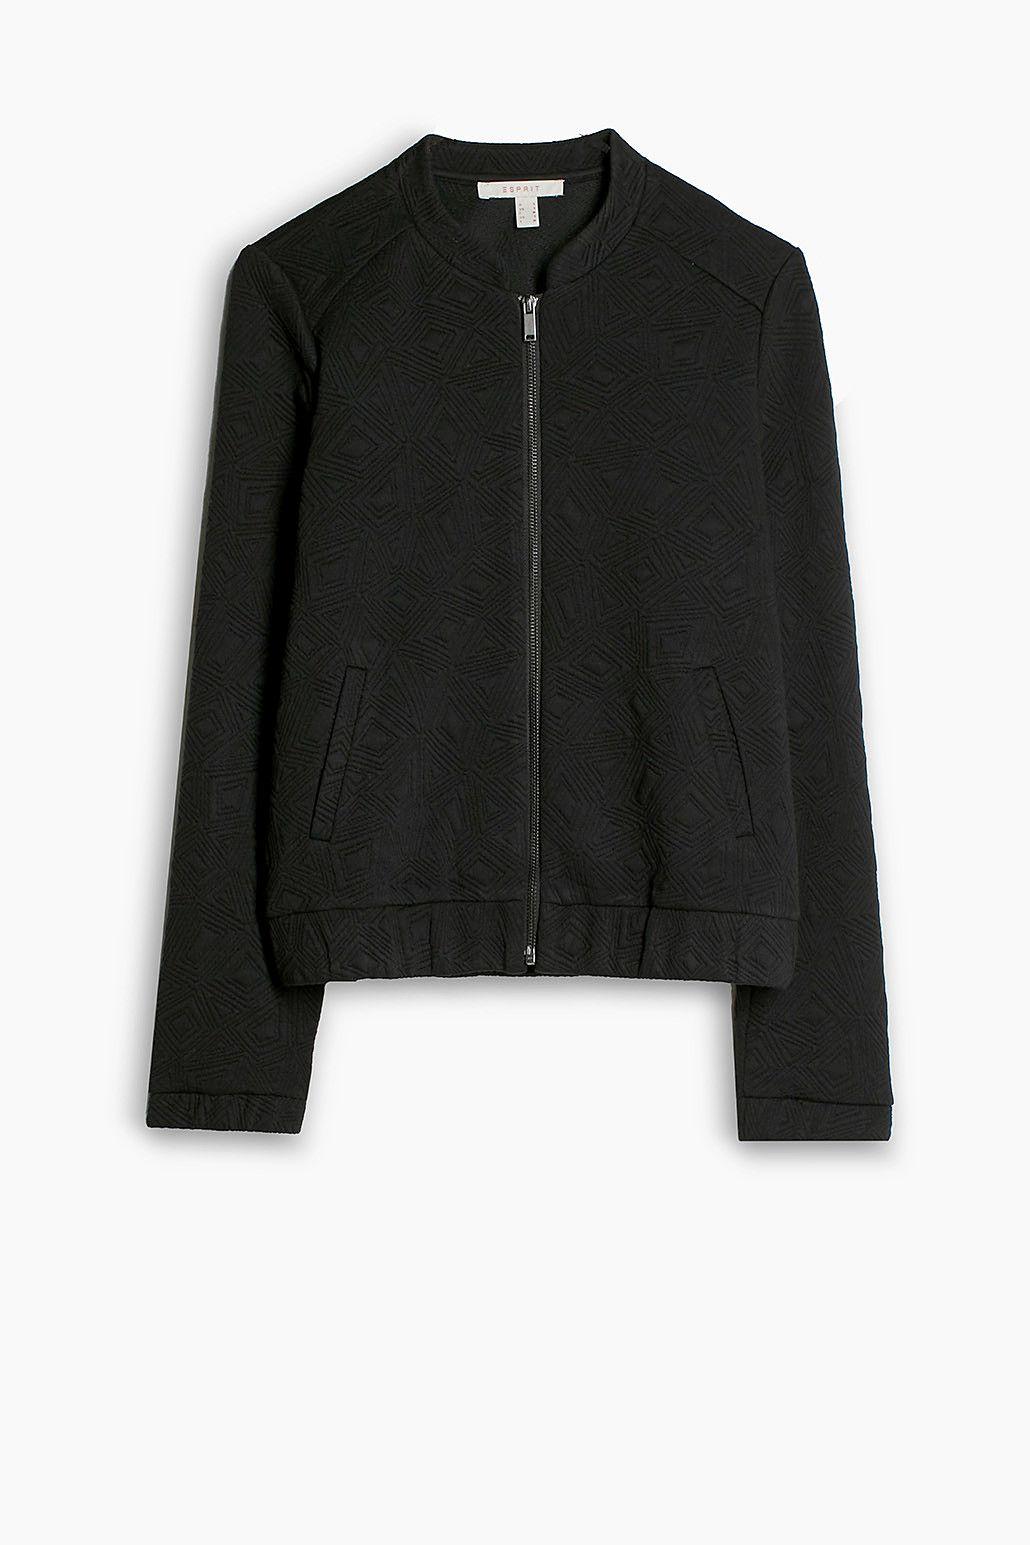 En Blouson Style Wx7gzqwu Esprit Casual Jersey Stretch Et dpXcSwqX